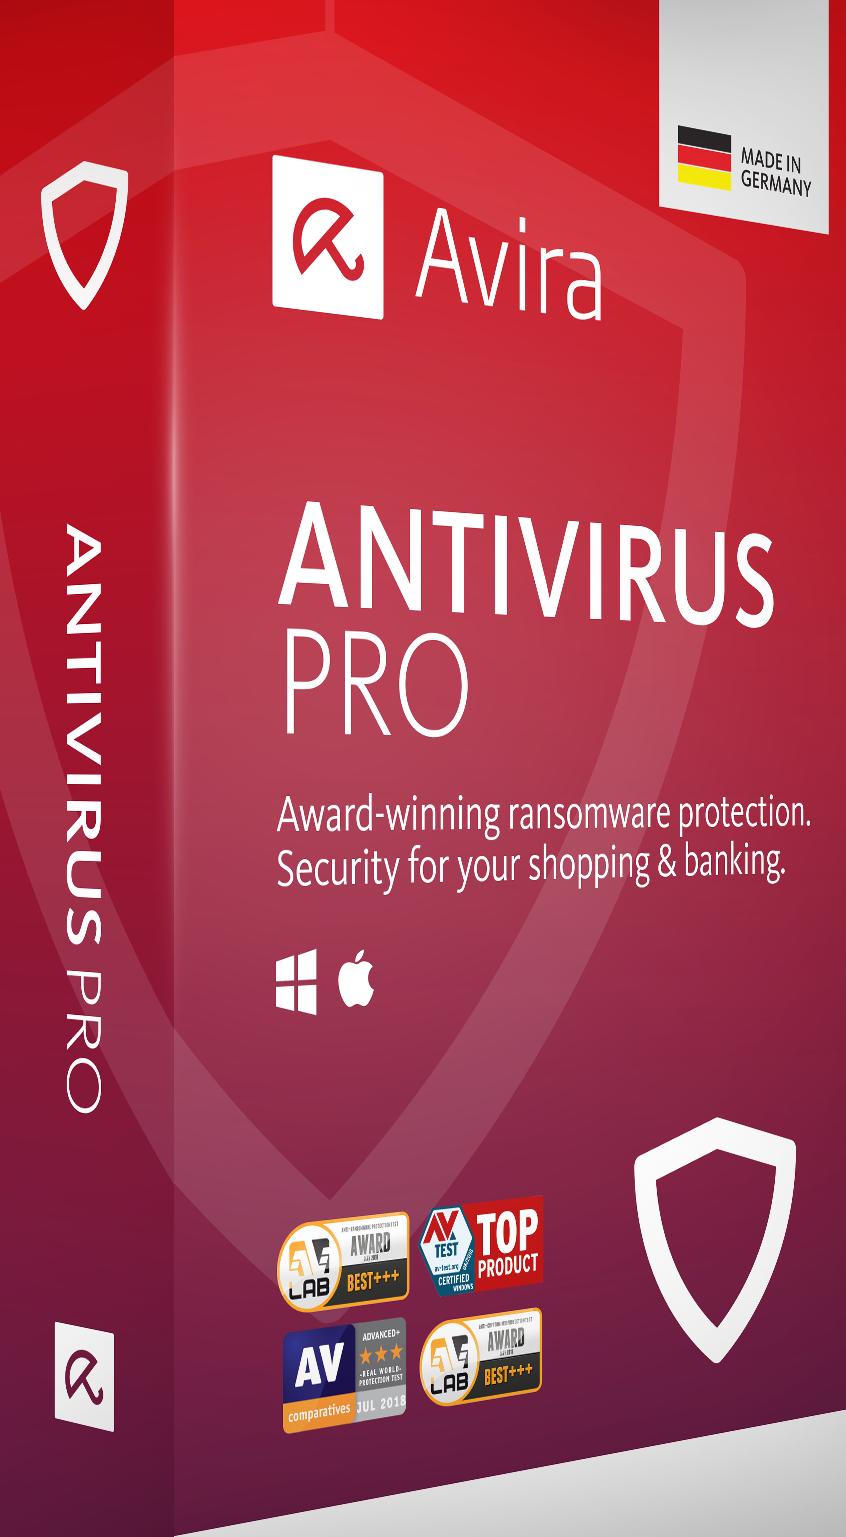 Avira update free download